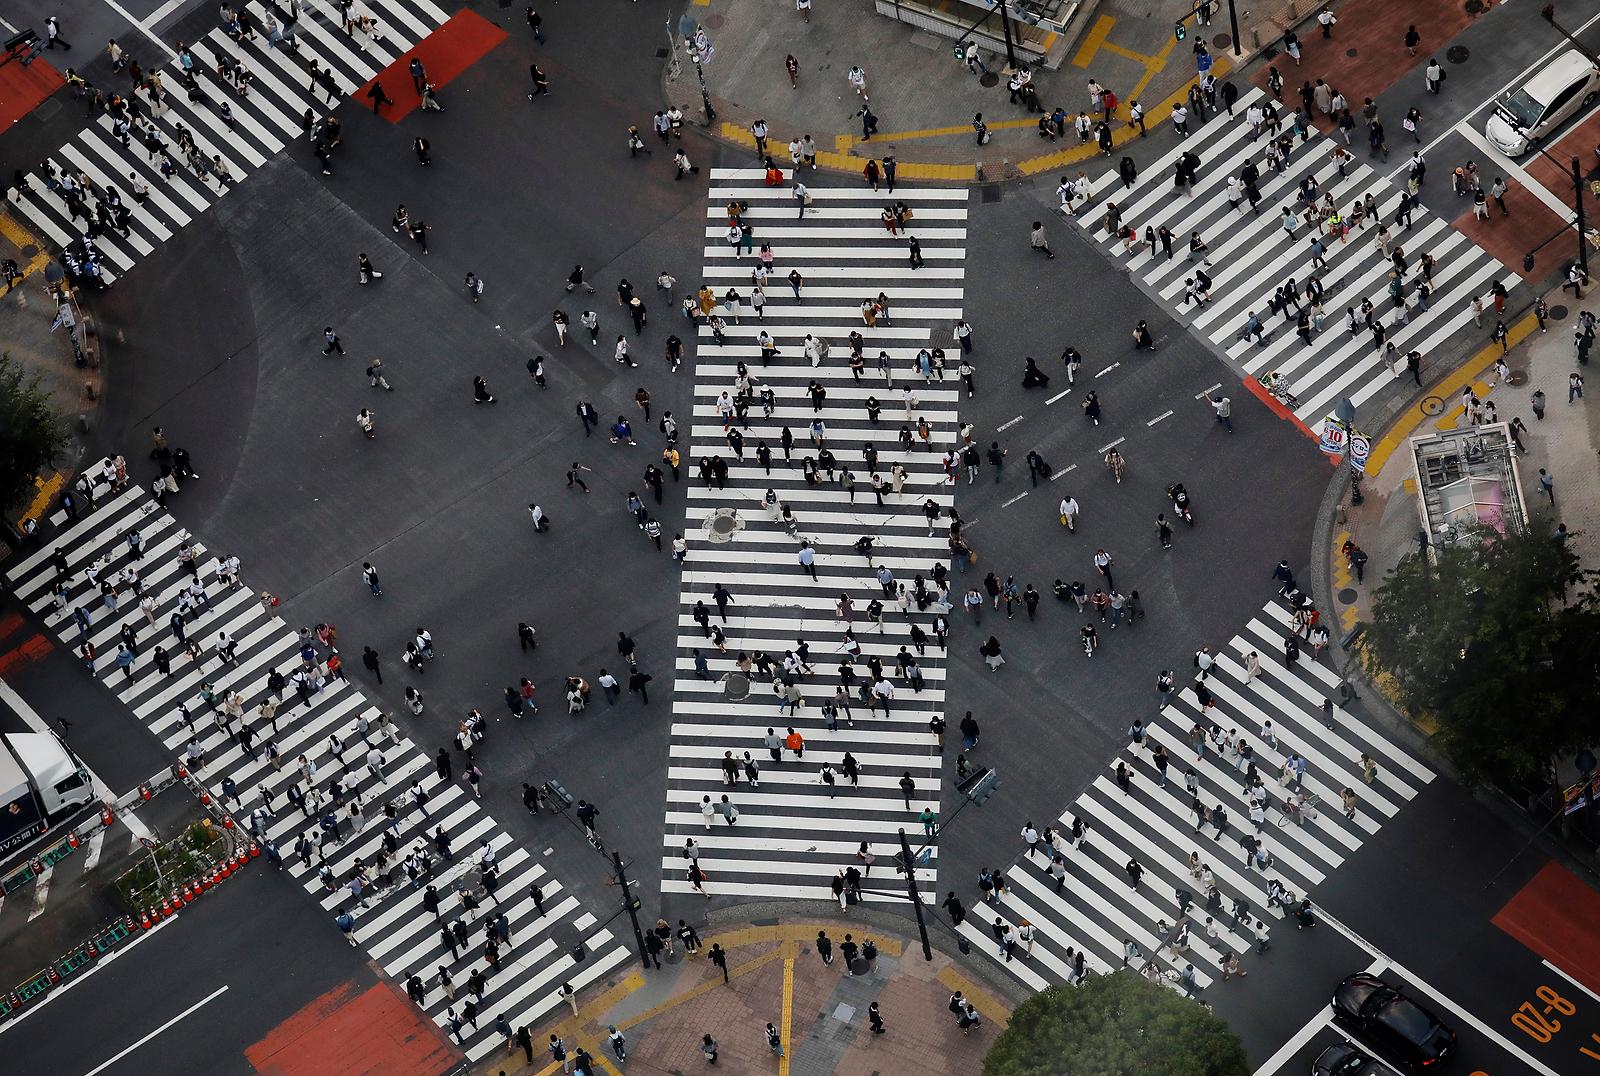 People walk across the Shibuya crossing in Tokyo, Japan, June 1, 2021. REUTERS